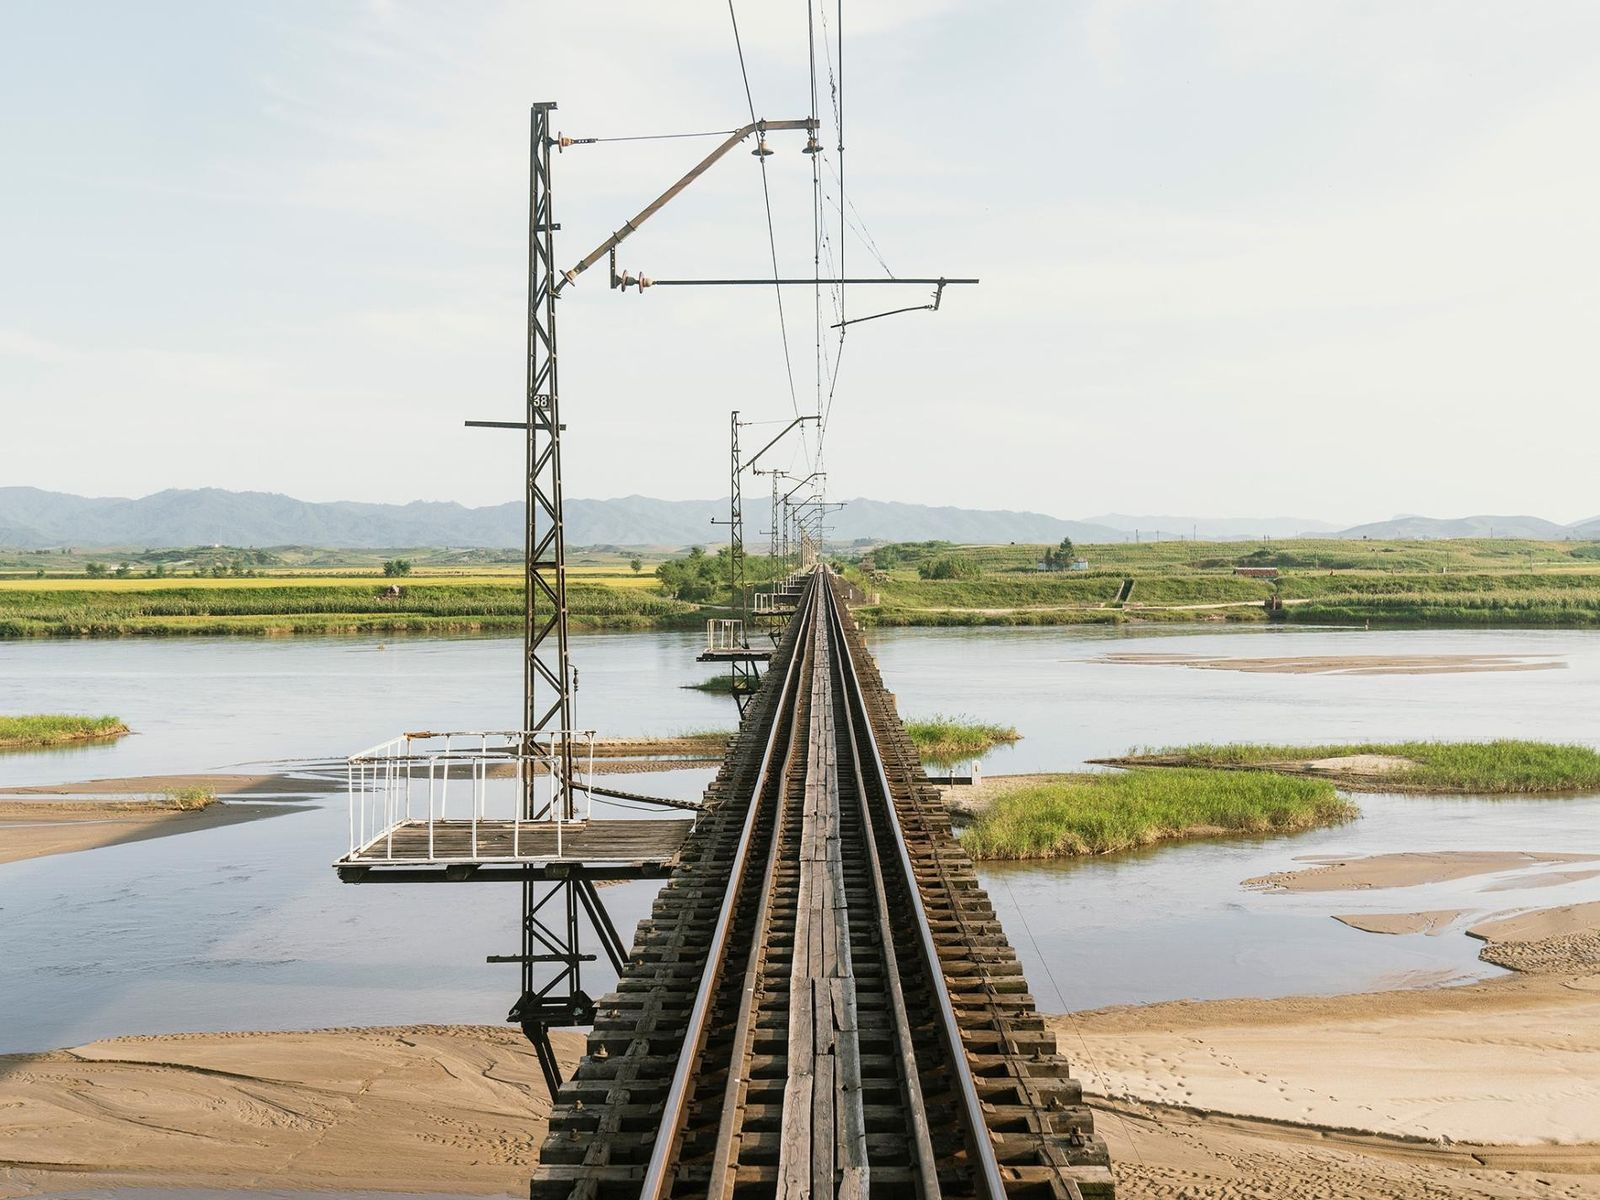 O comboio que faz a ligação entre Pyongyang e Rason atravessa uma paisagem verdejante.